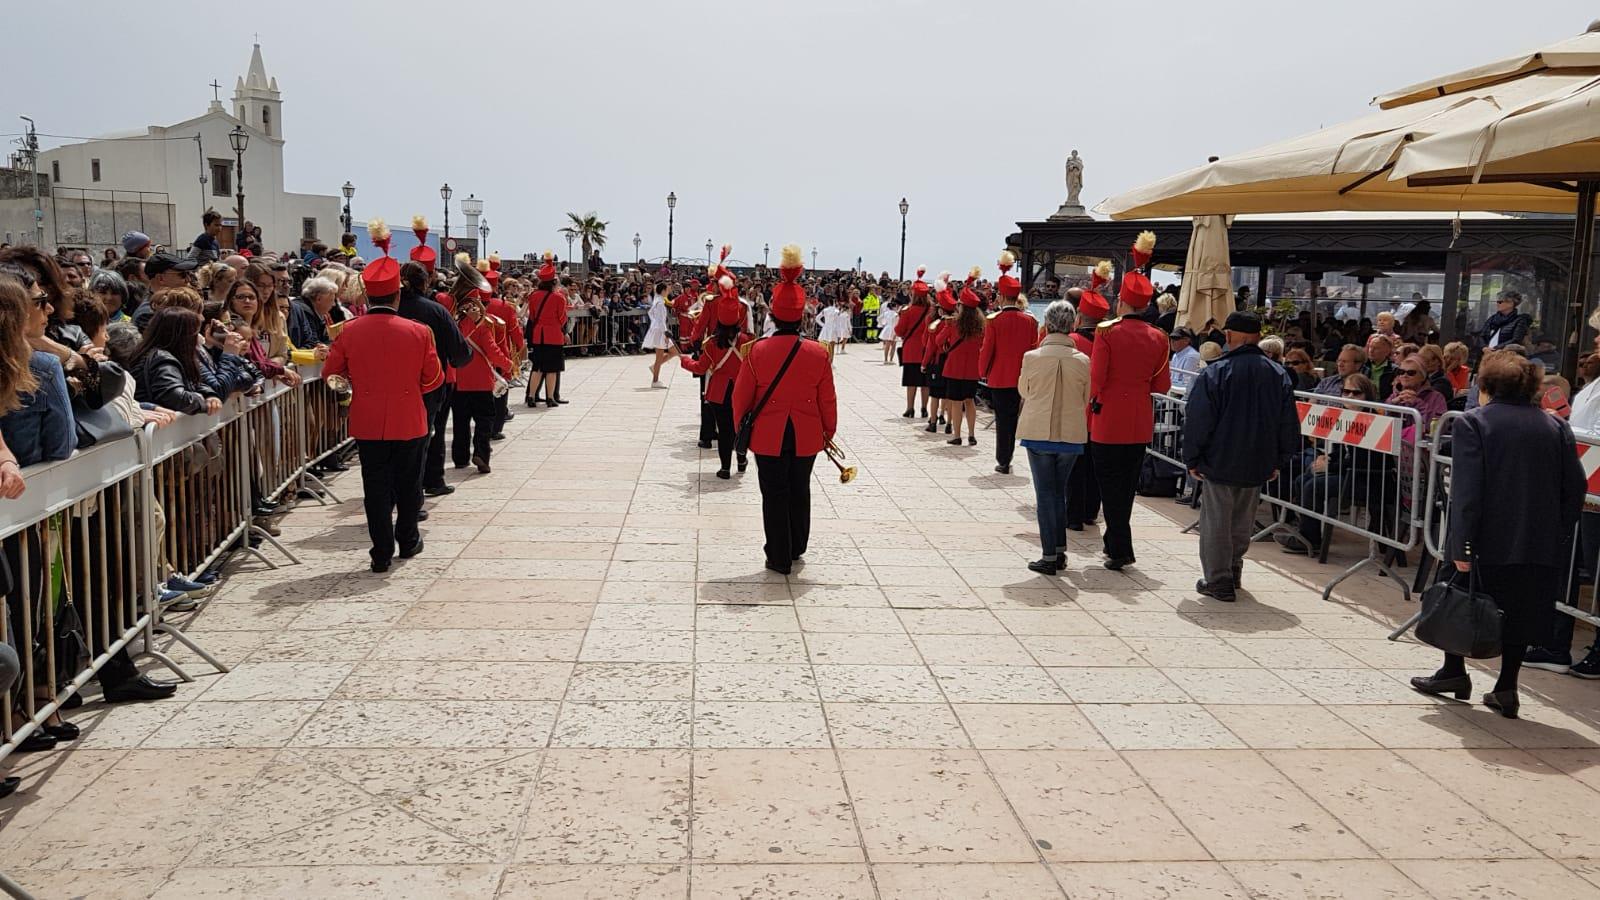 Eolie news la processione di pasqua a lipari primo for Di bartolo arredamenti srl